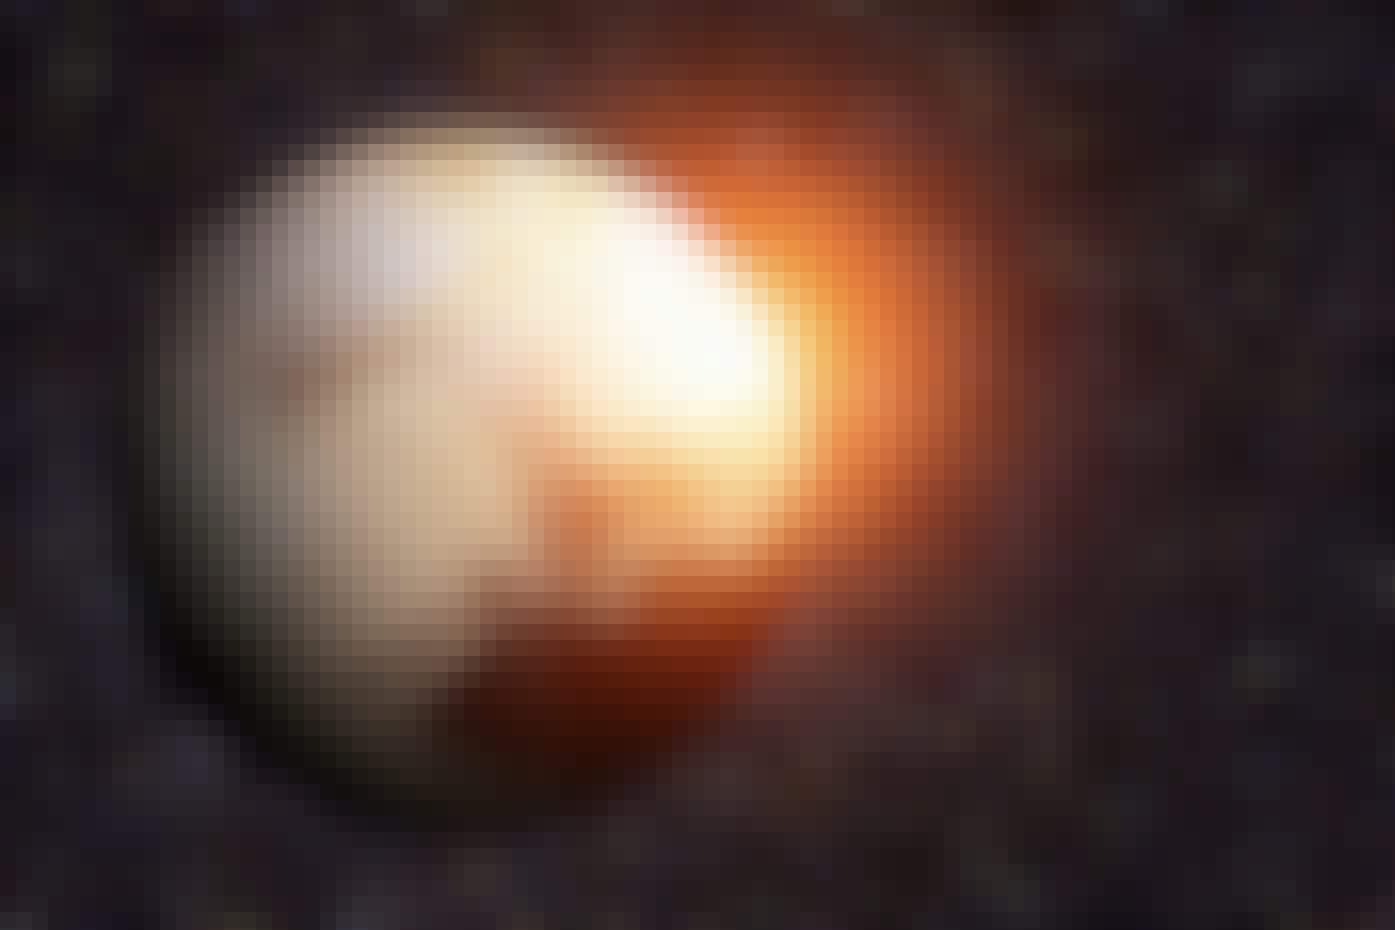 Pluto planeetta